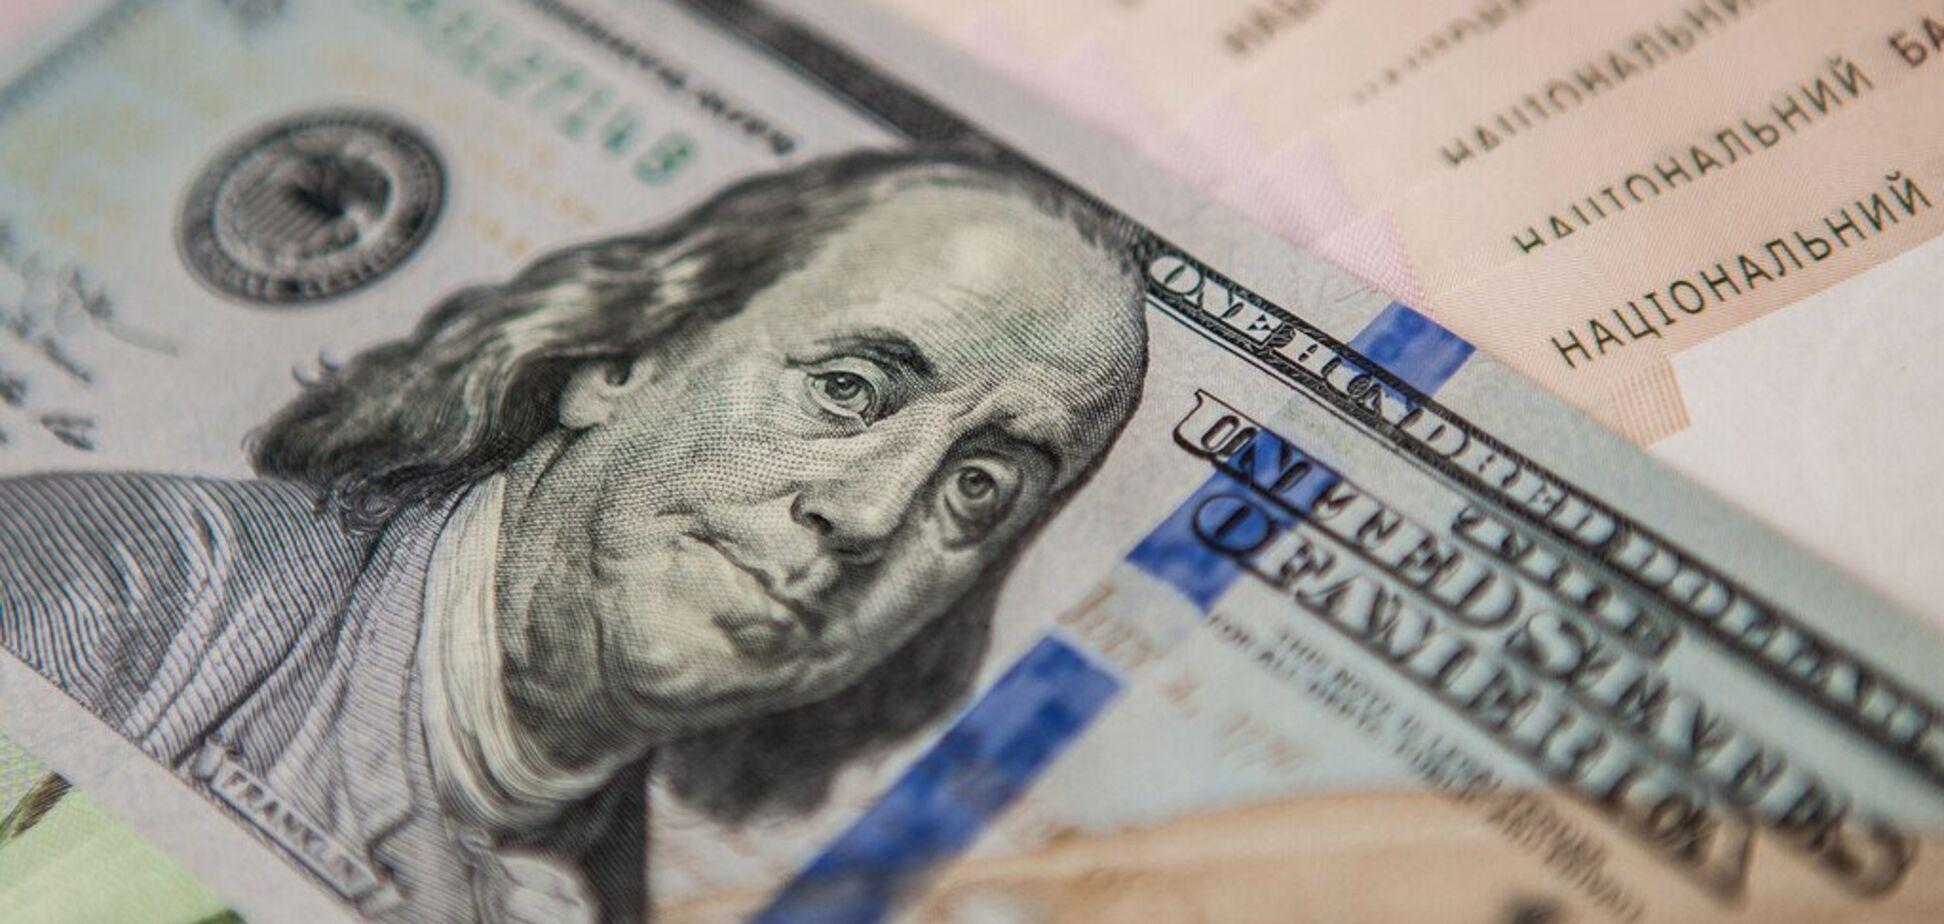 Долар рушить до межі: з'явився несподіваний прогноз курсу валют в Україні